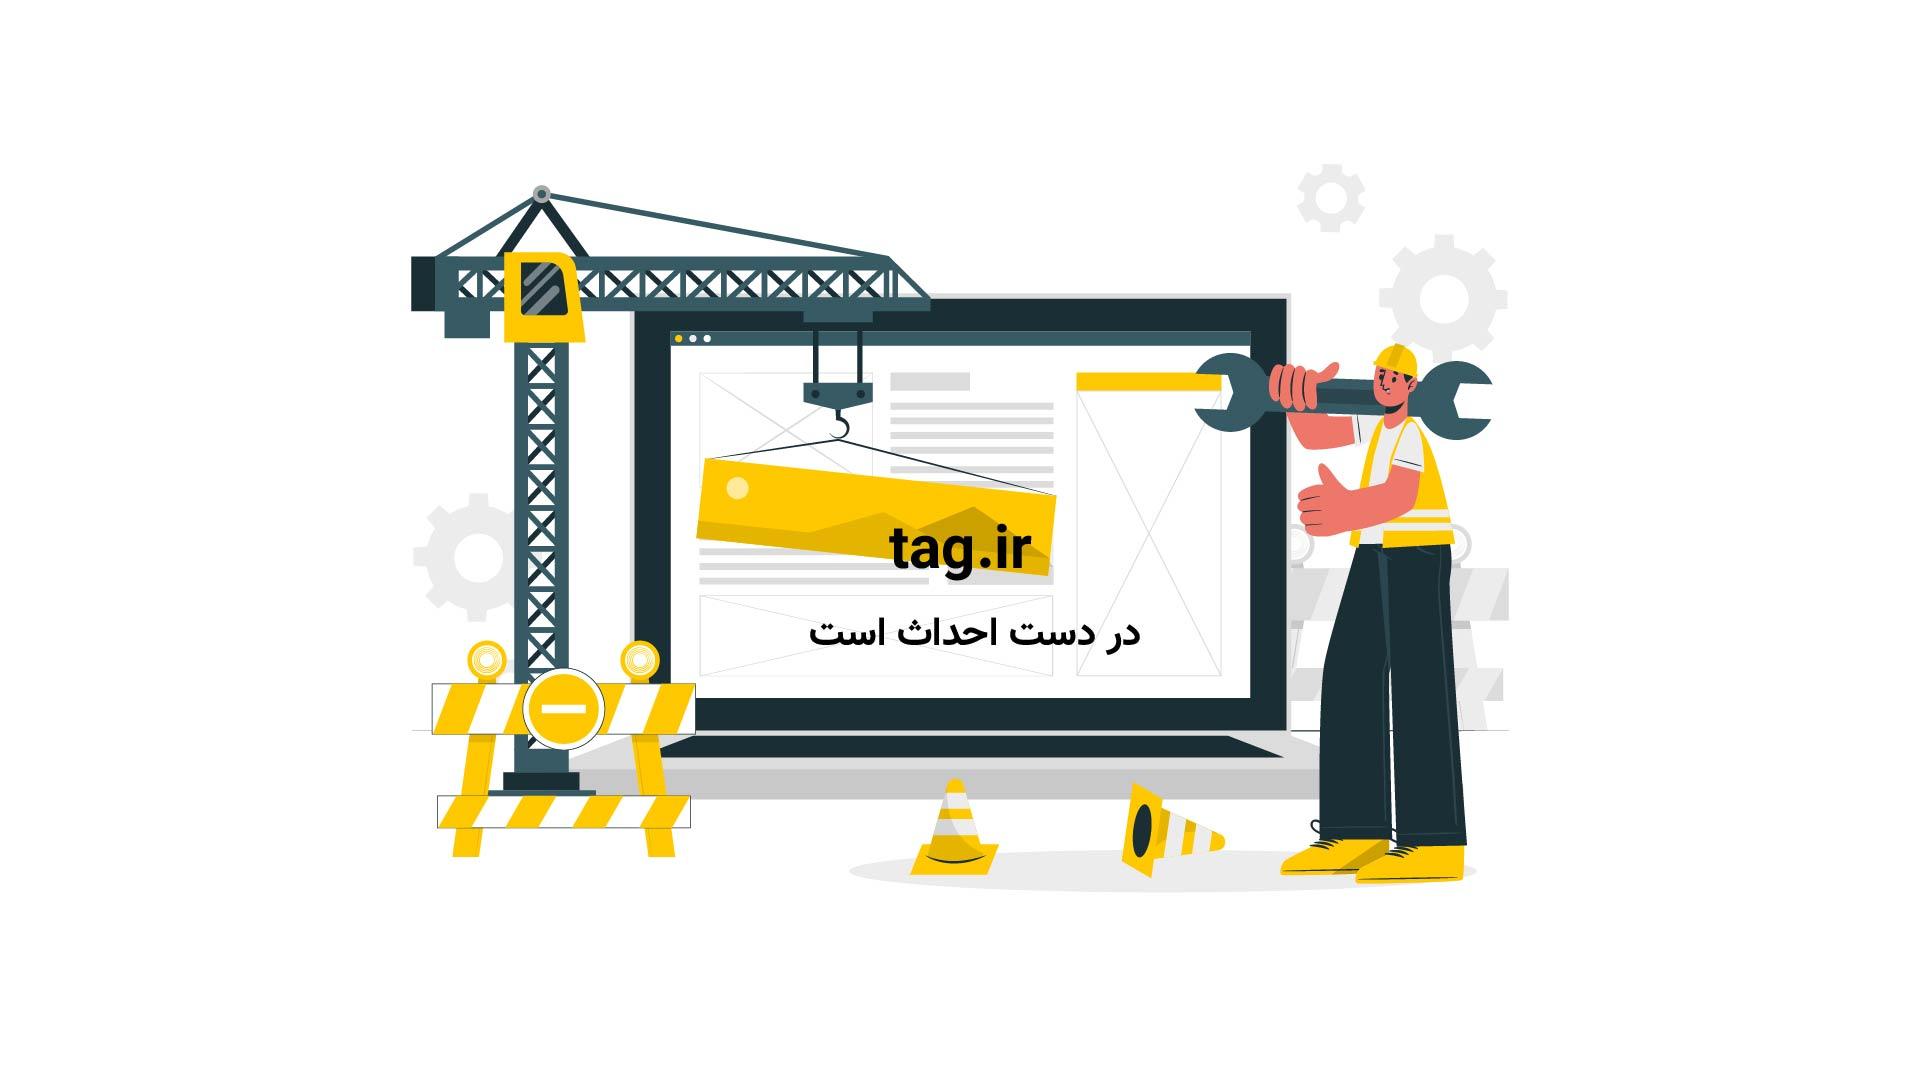 لحظه نجات پرنده کوچک از یخ زدن با دمیدن نفس گرم | فیلم